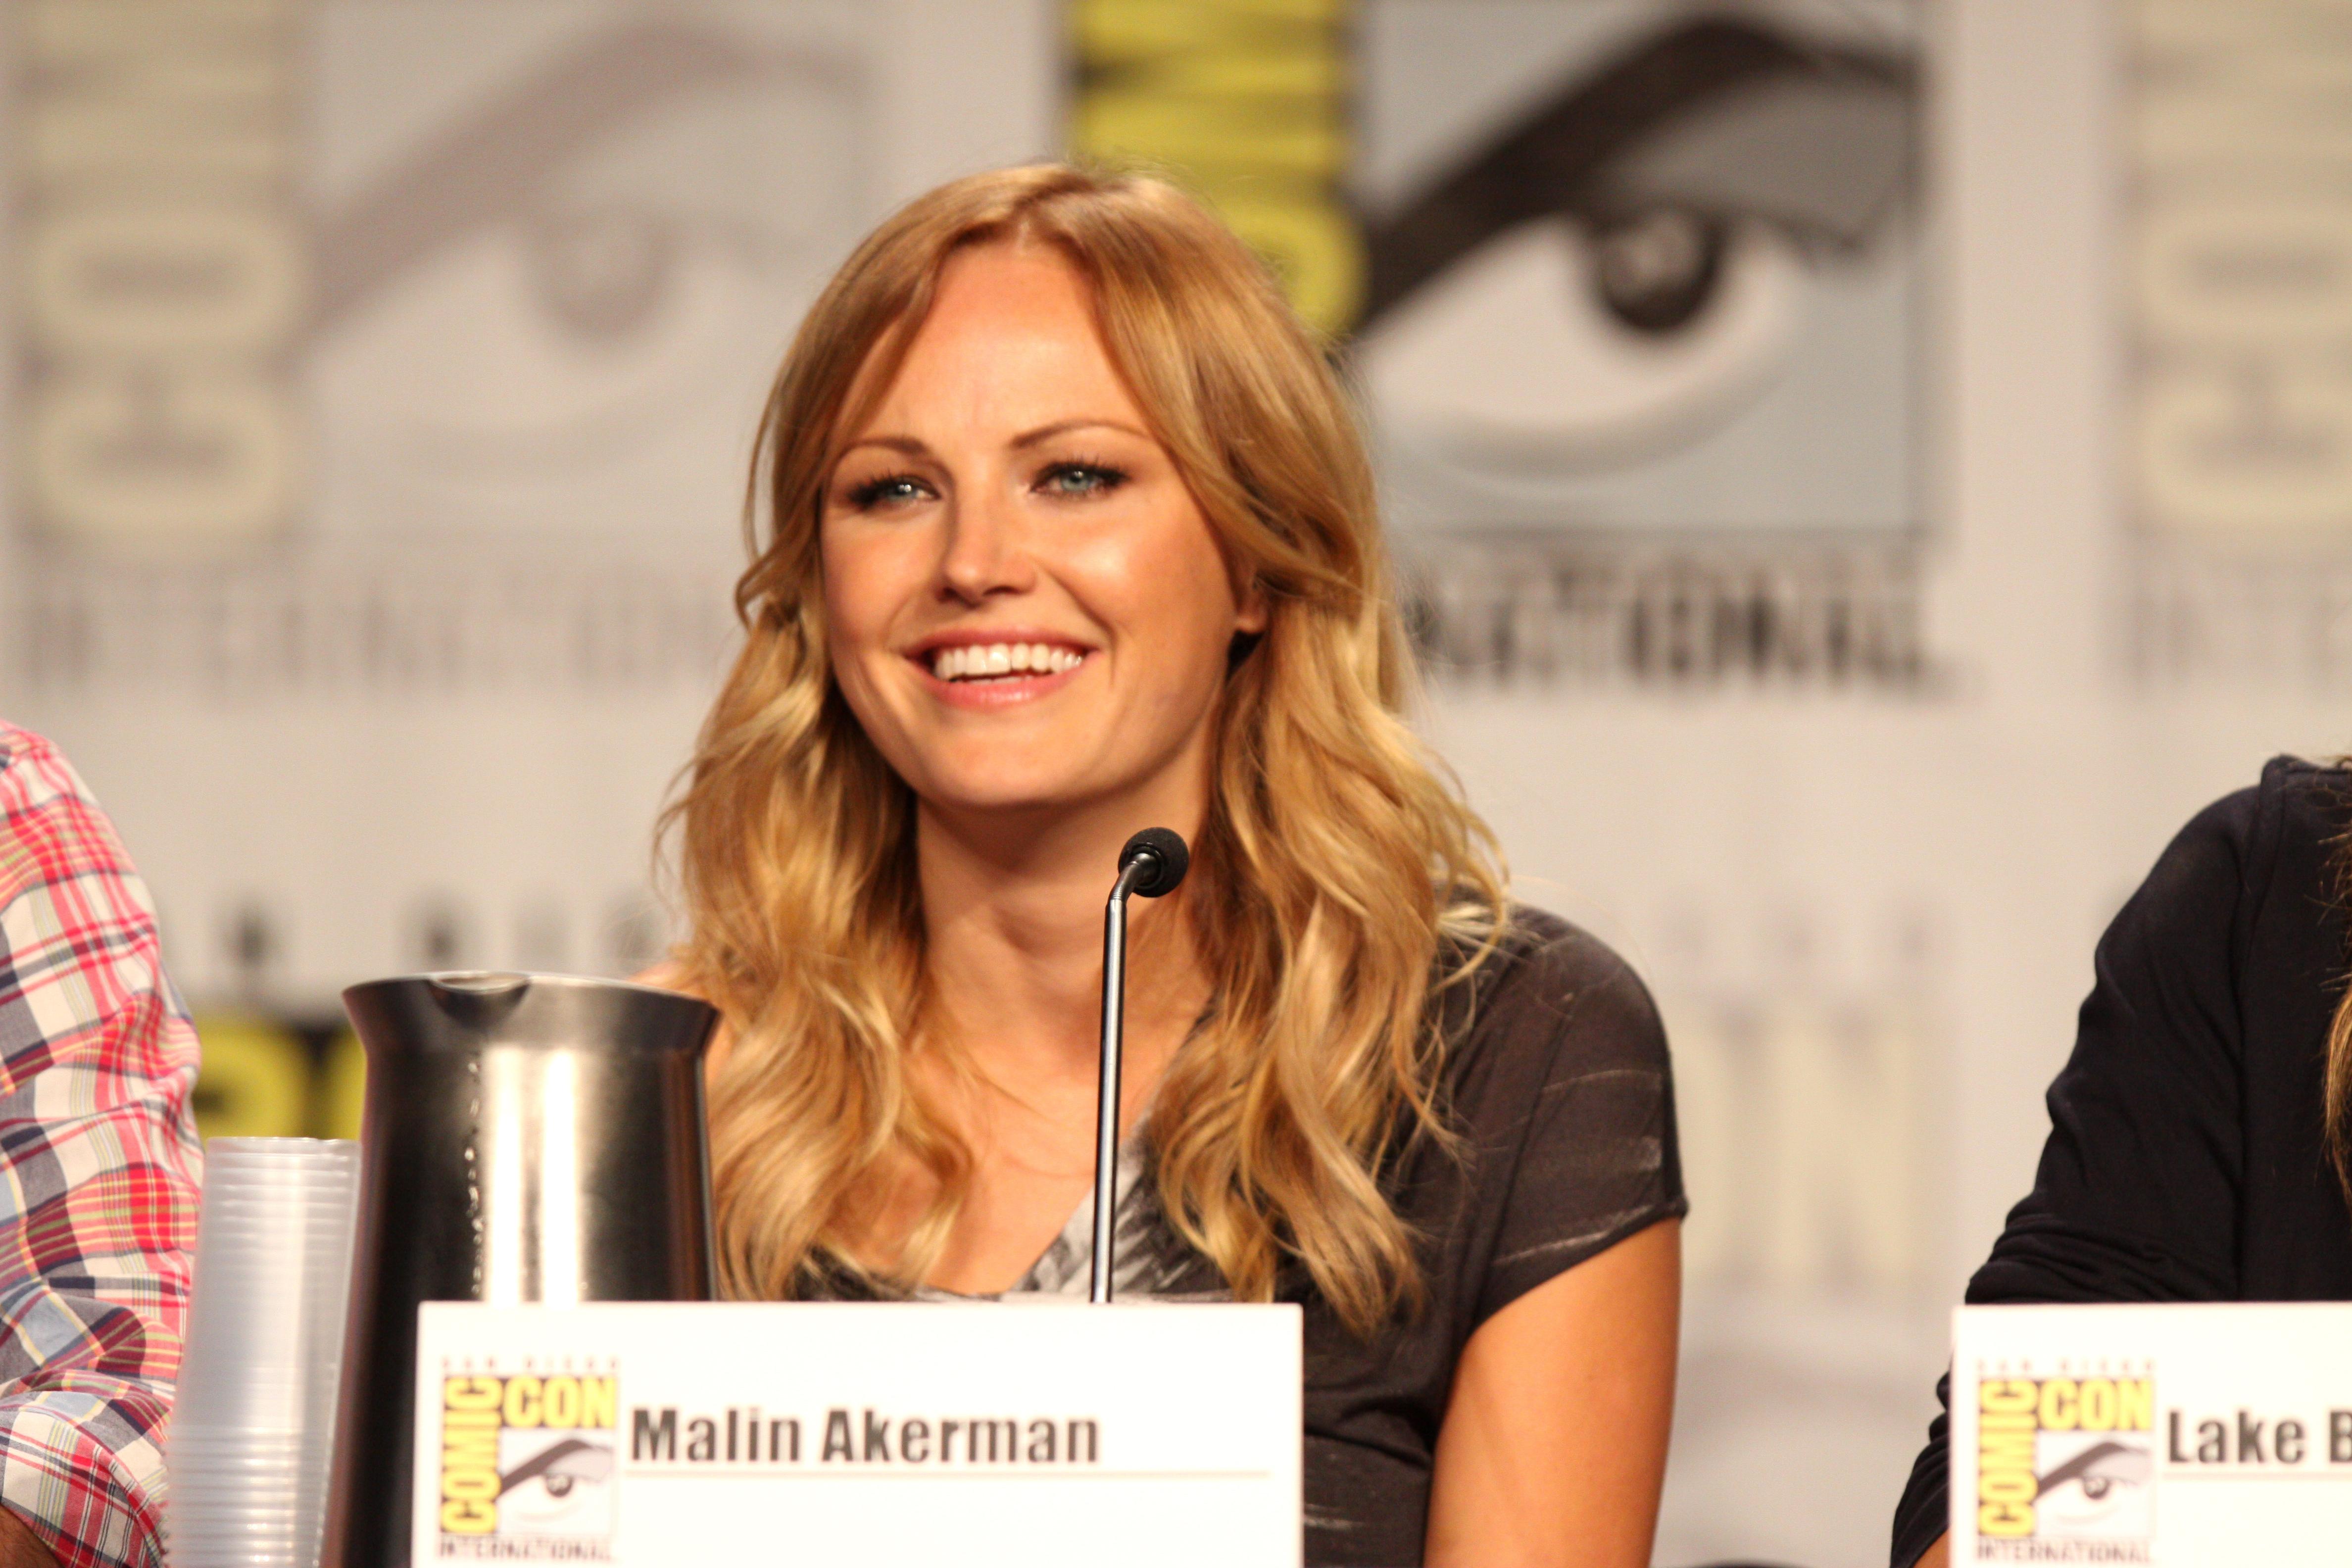 Malin Akerman 4k